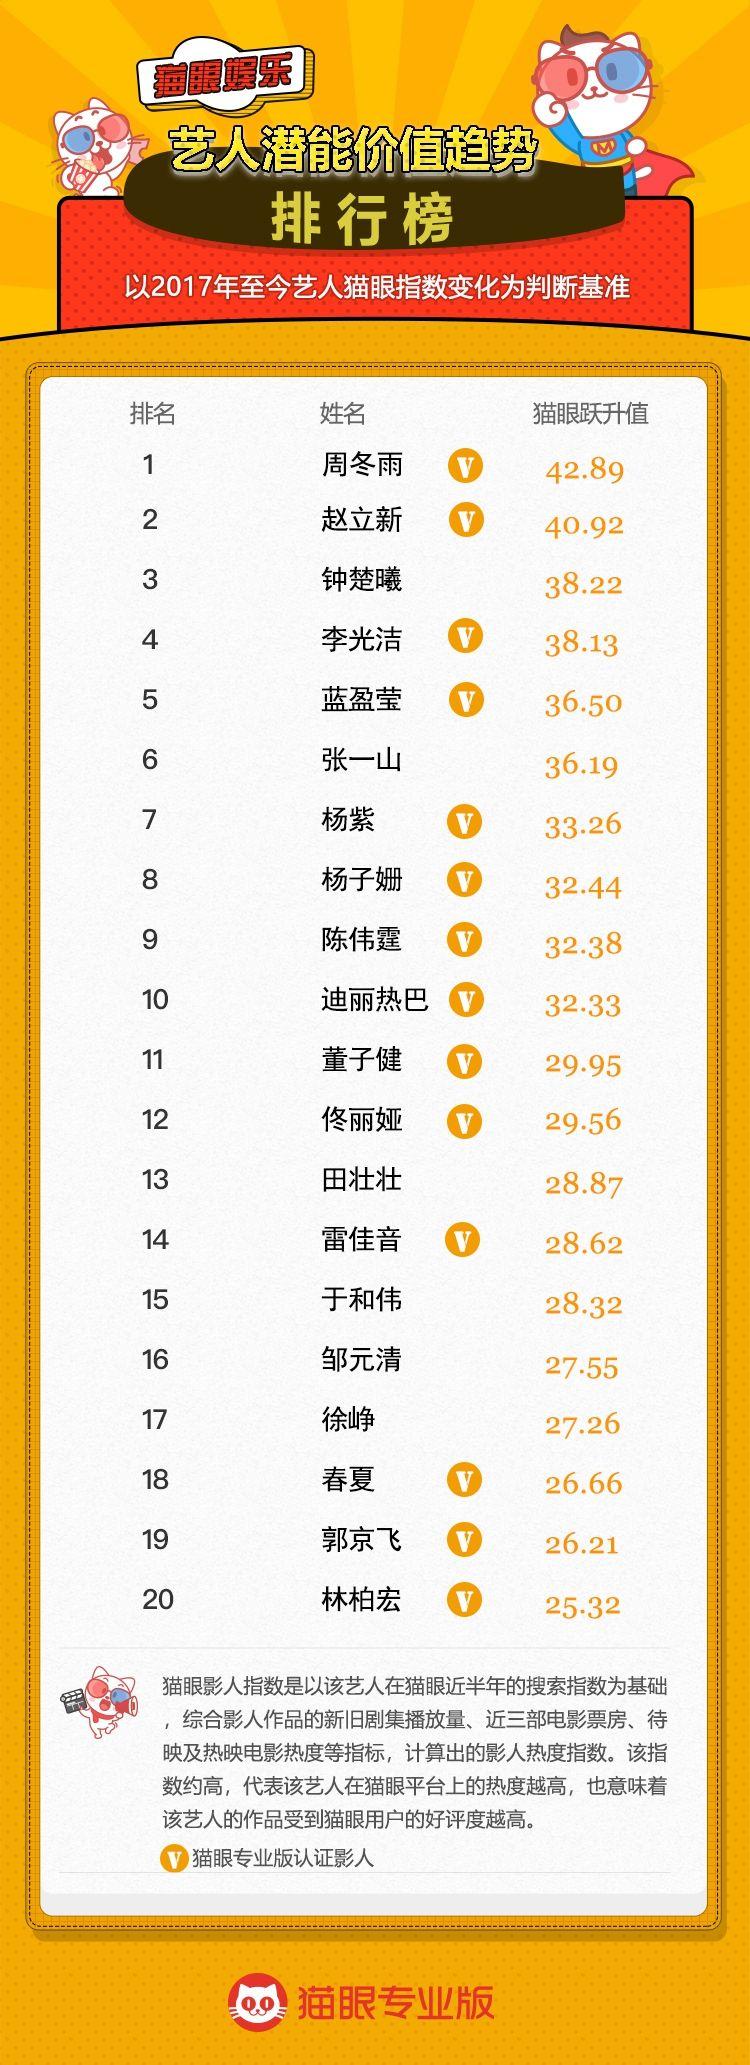 榜单20180608_副本.jpg